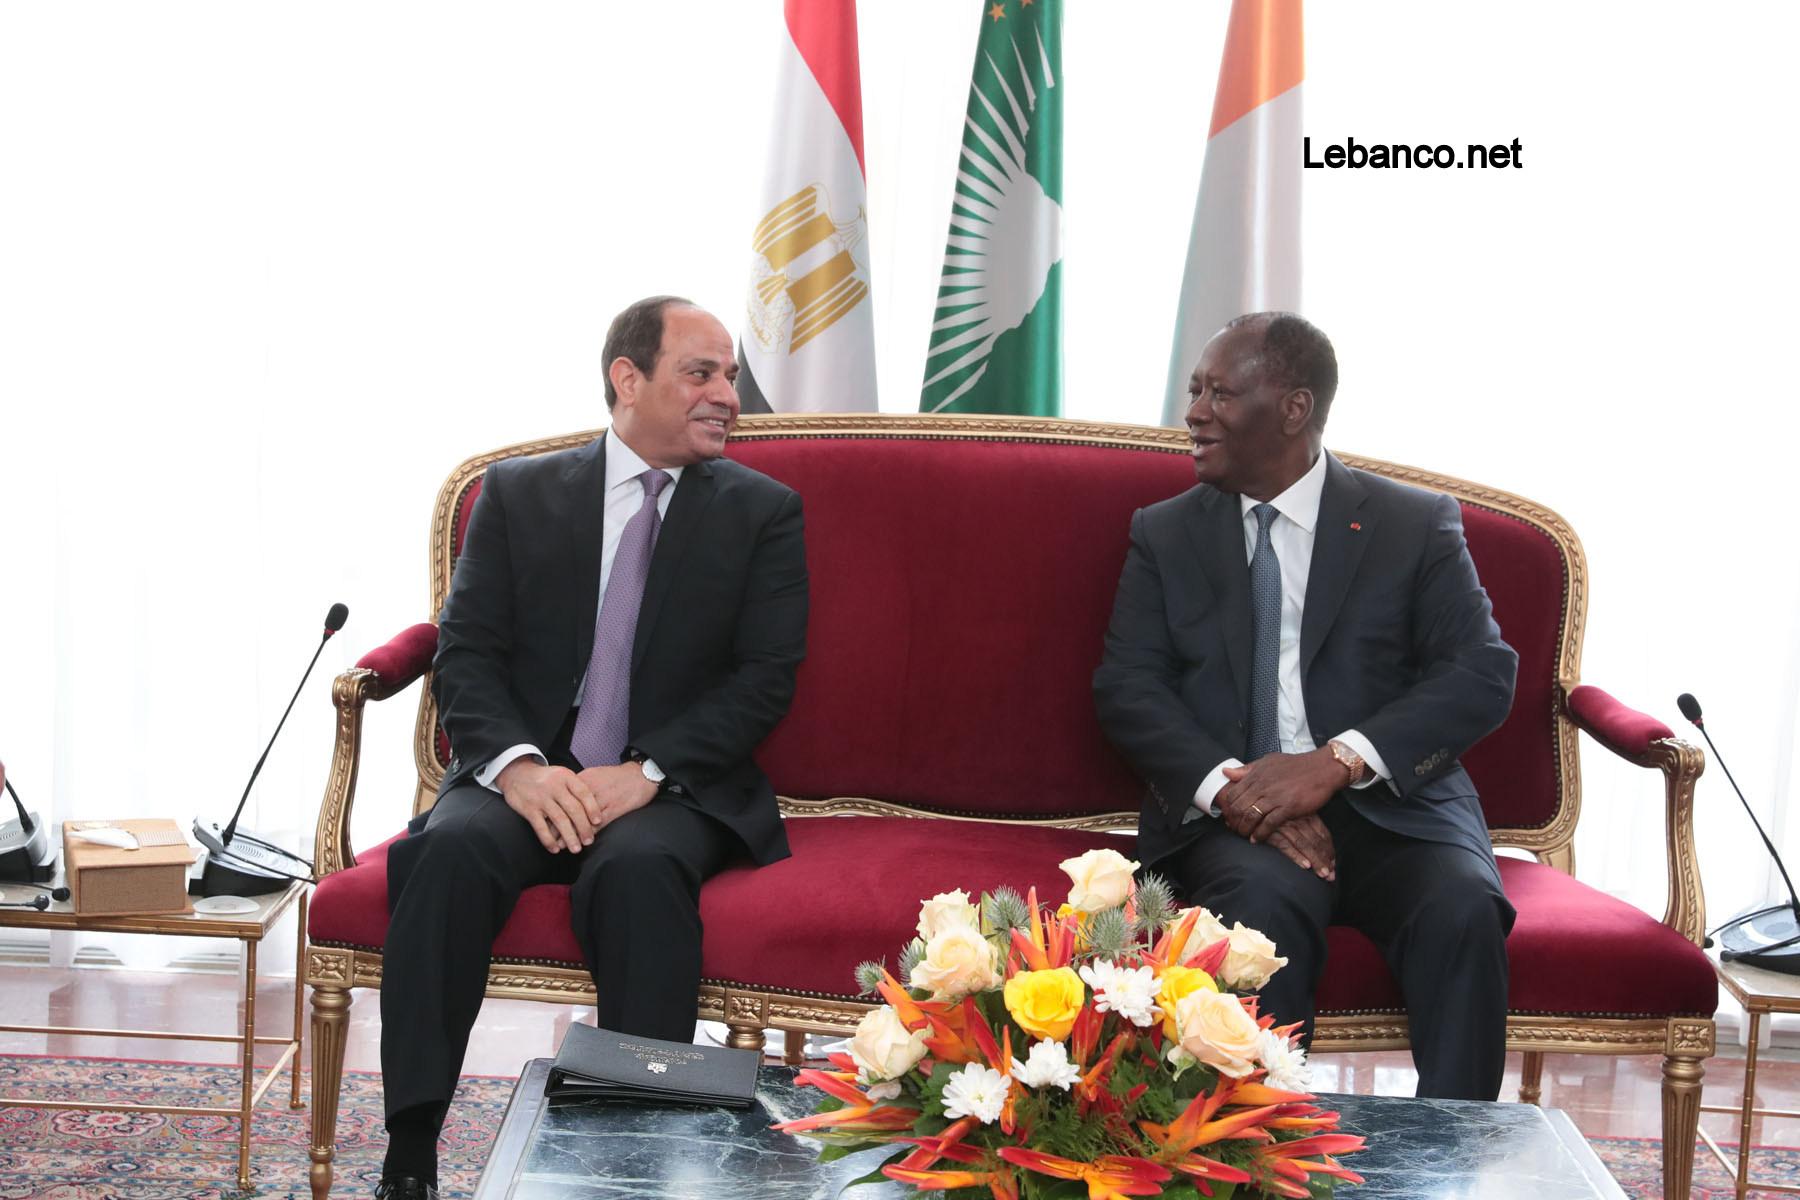 Le Chef de l'Etat a eu un entretien avec son homologue égyptien